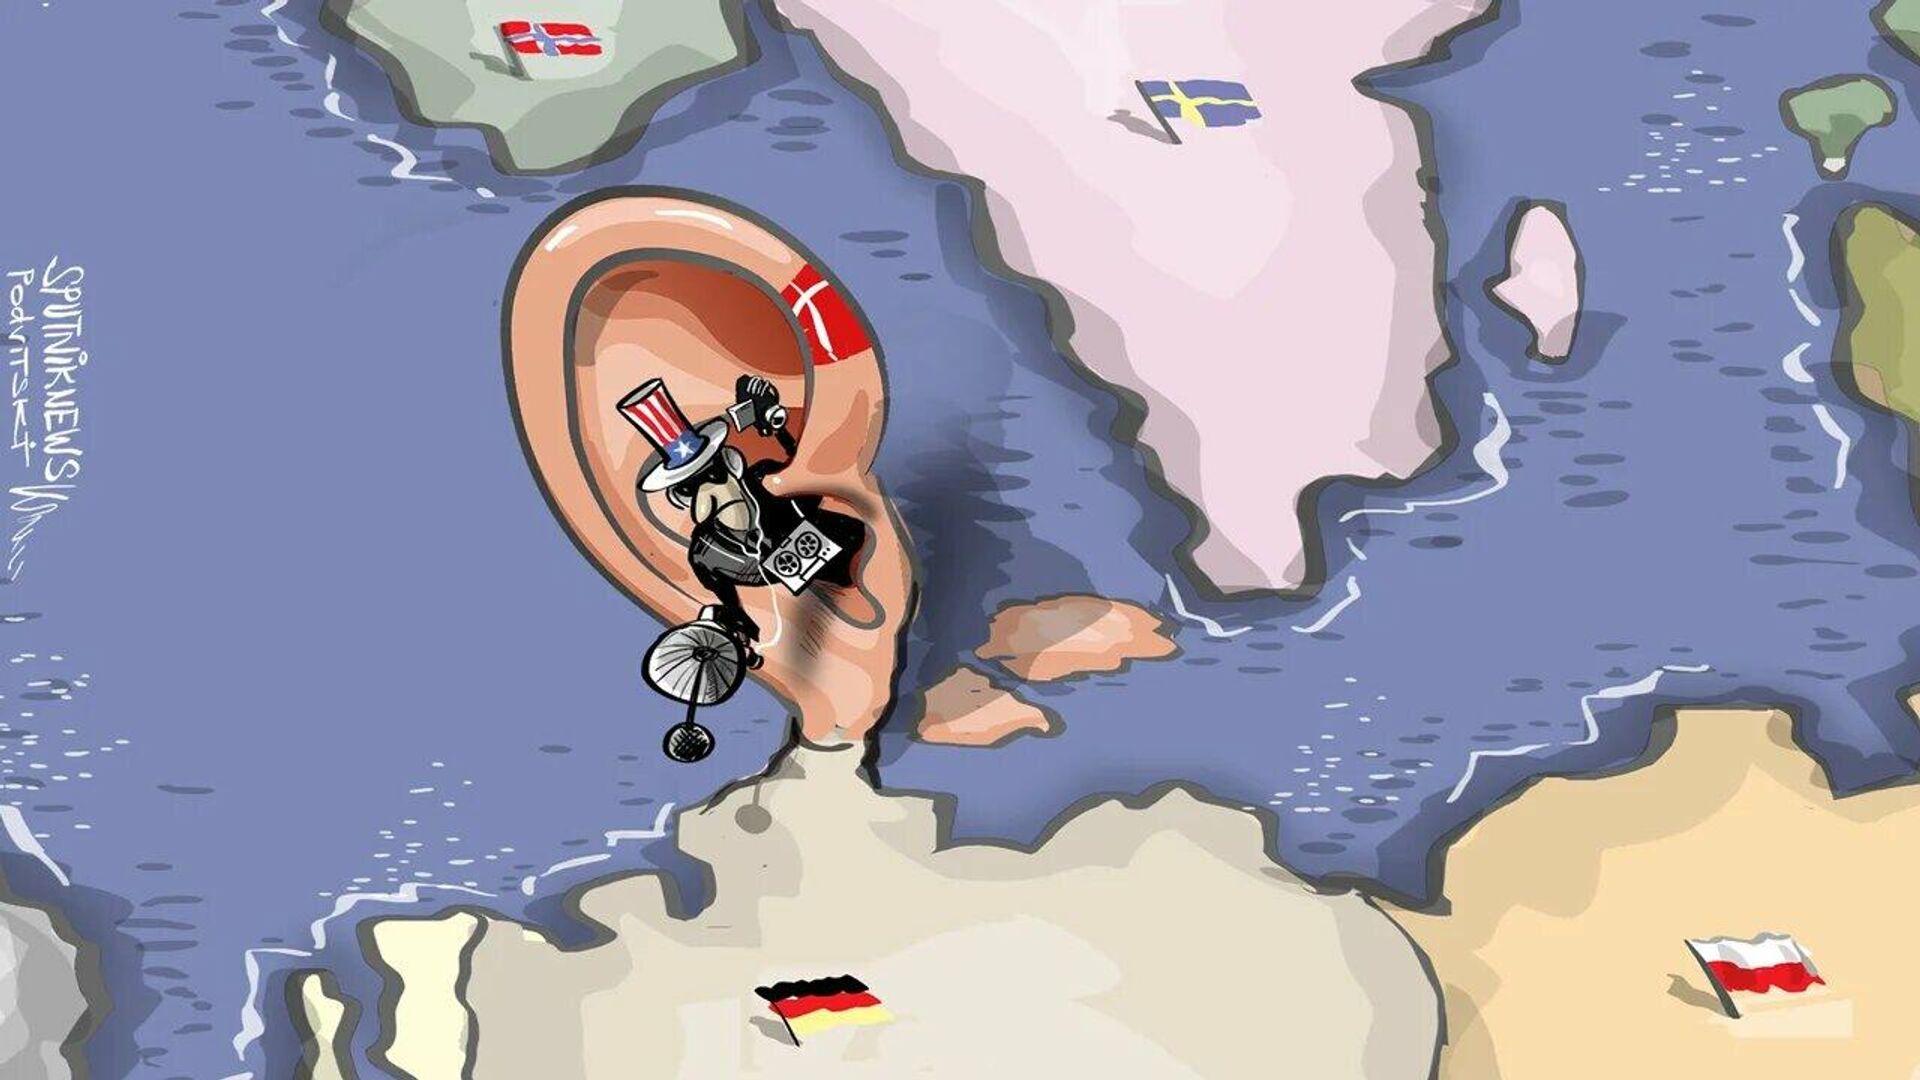 Scandalo di intelligence: Merkel spiata con l'aiuto della Danimarca - Sputnik Italia, 1920, 31.05.2021